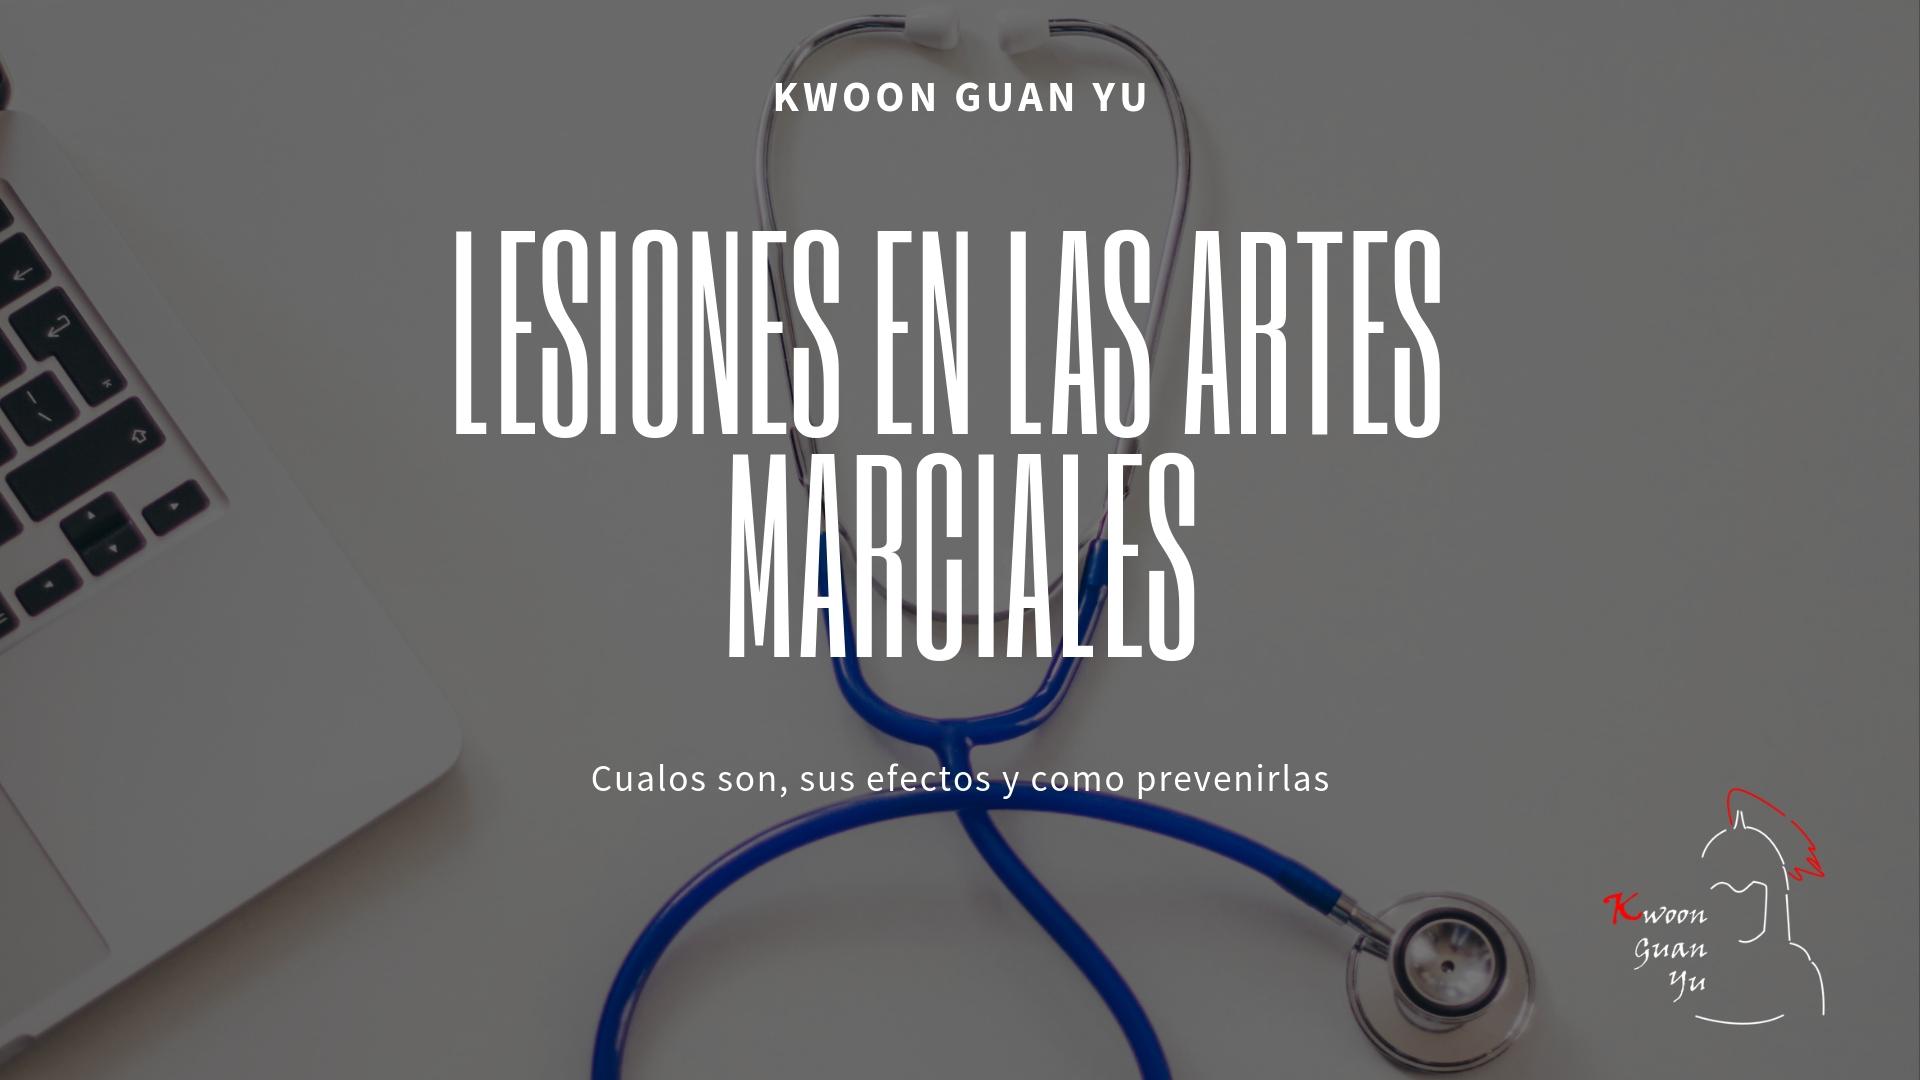 Lesiones Artes Marciales